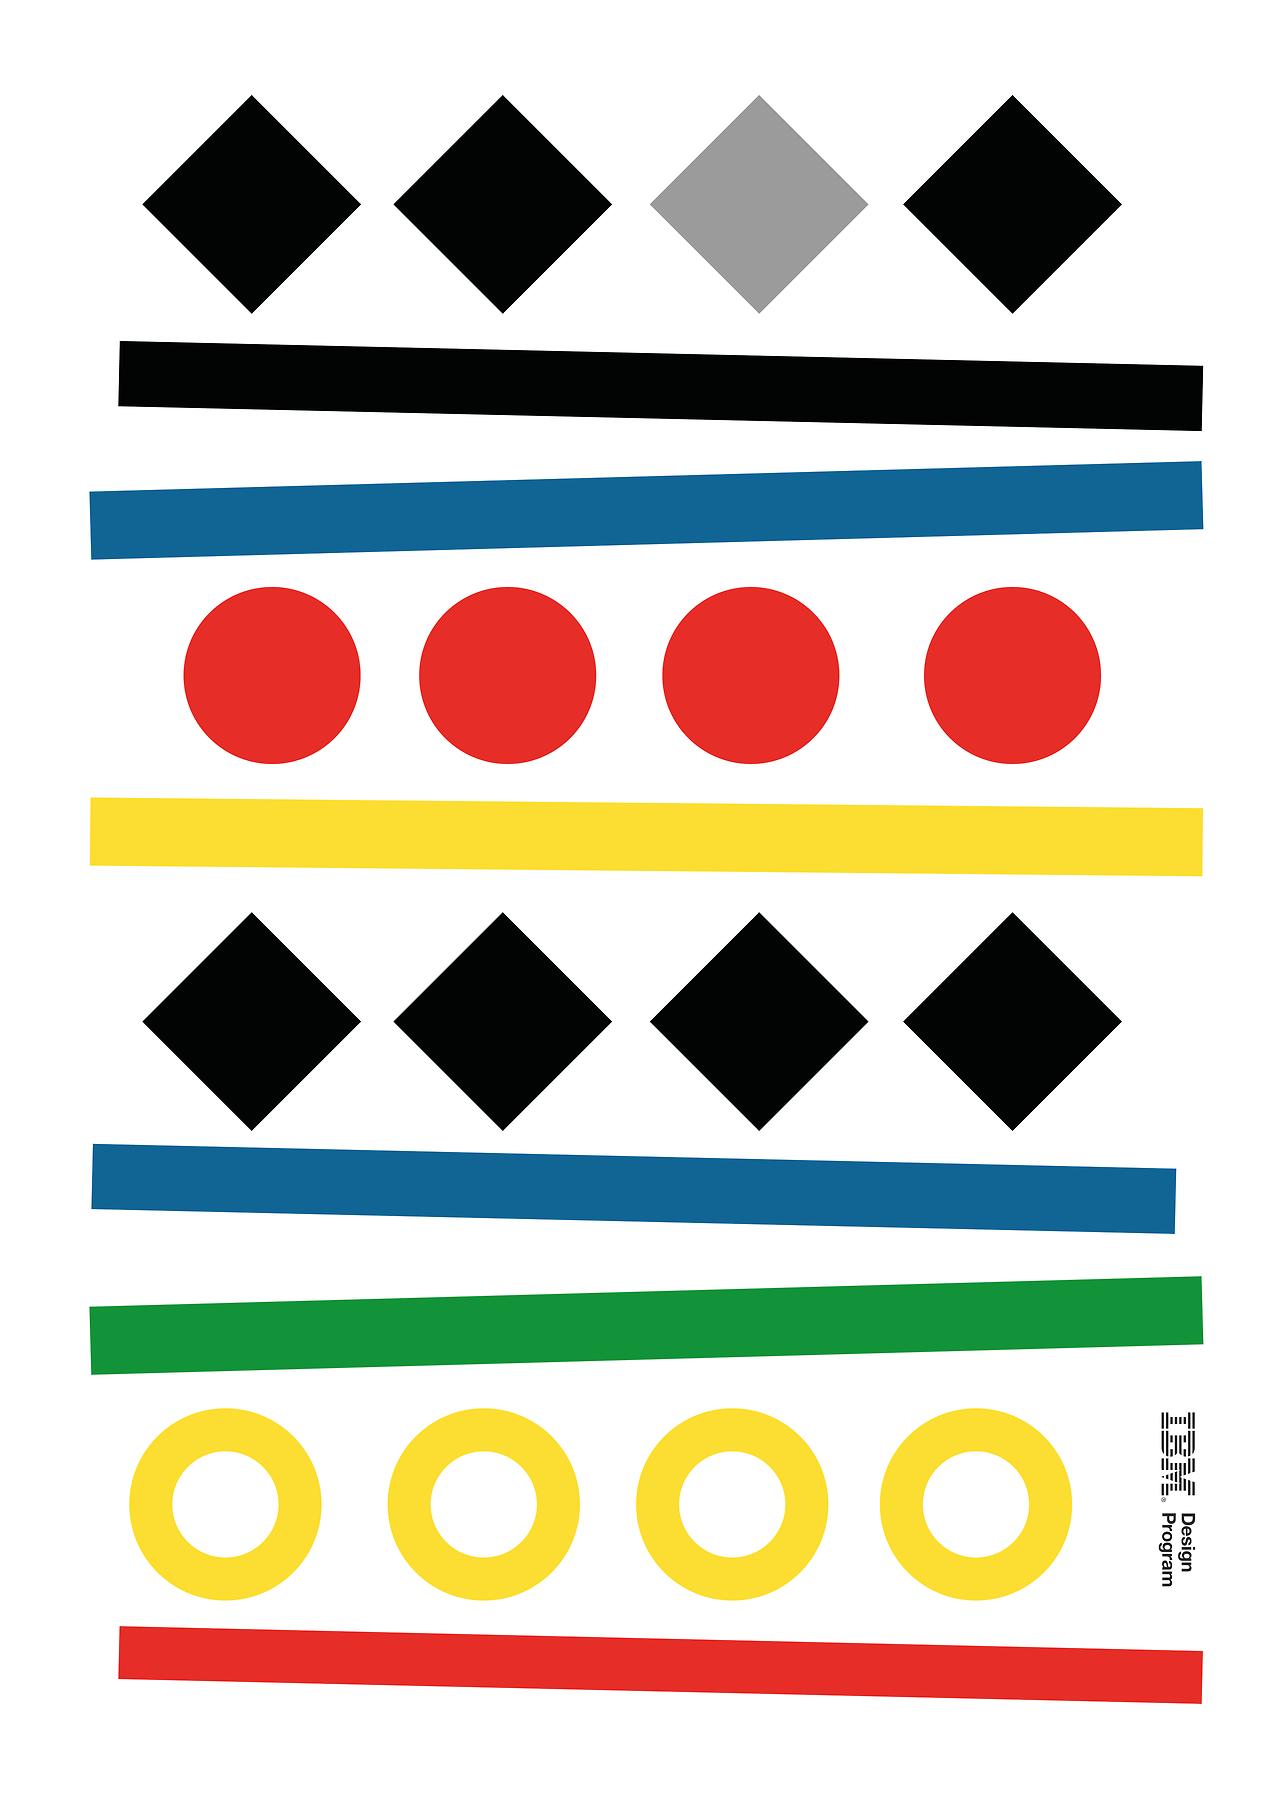 1970s Paul Rand poster for the IBM Design Program. Ibm